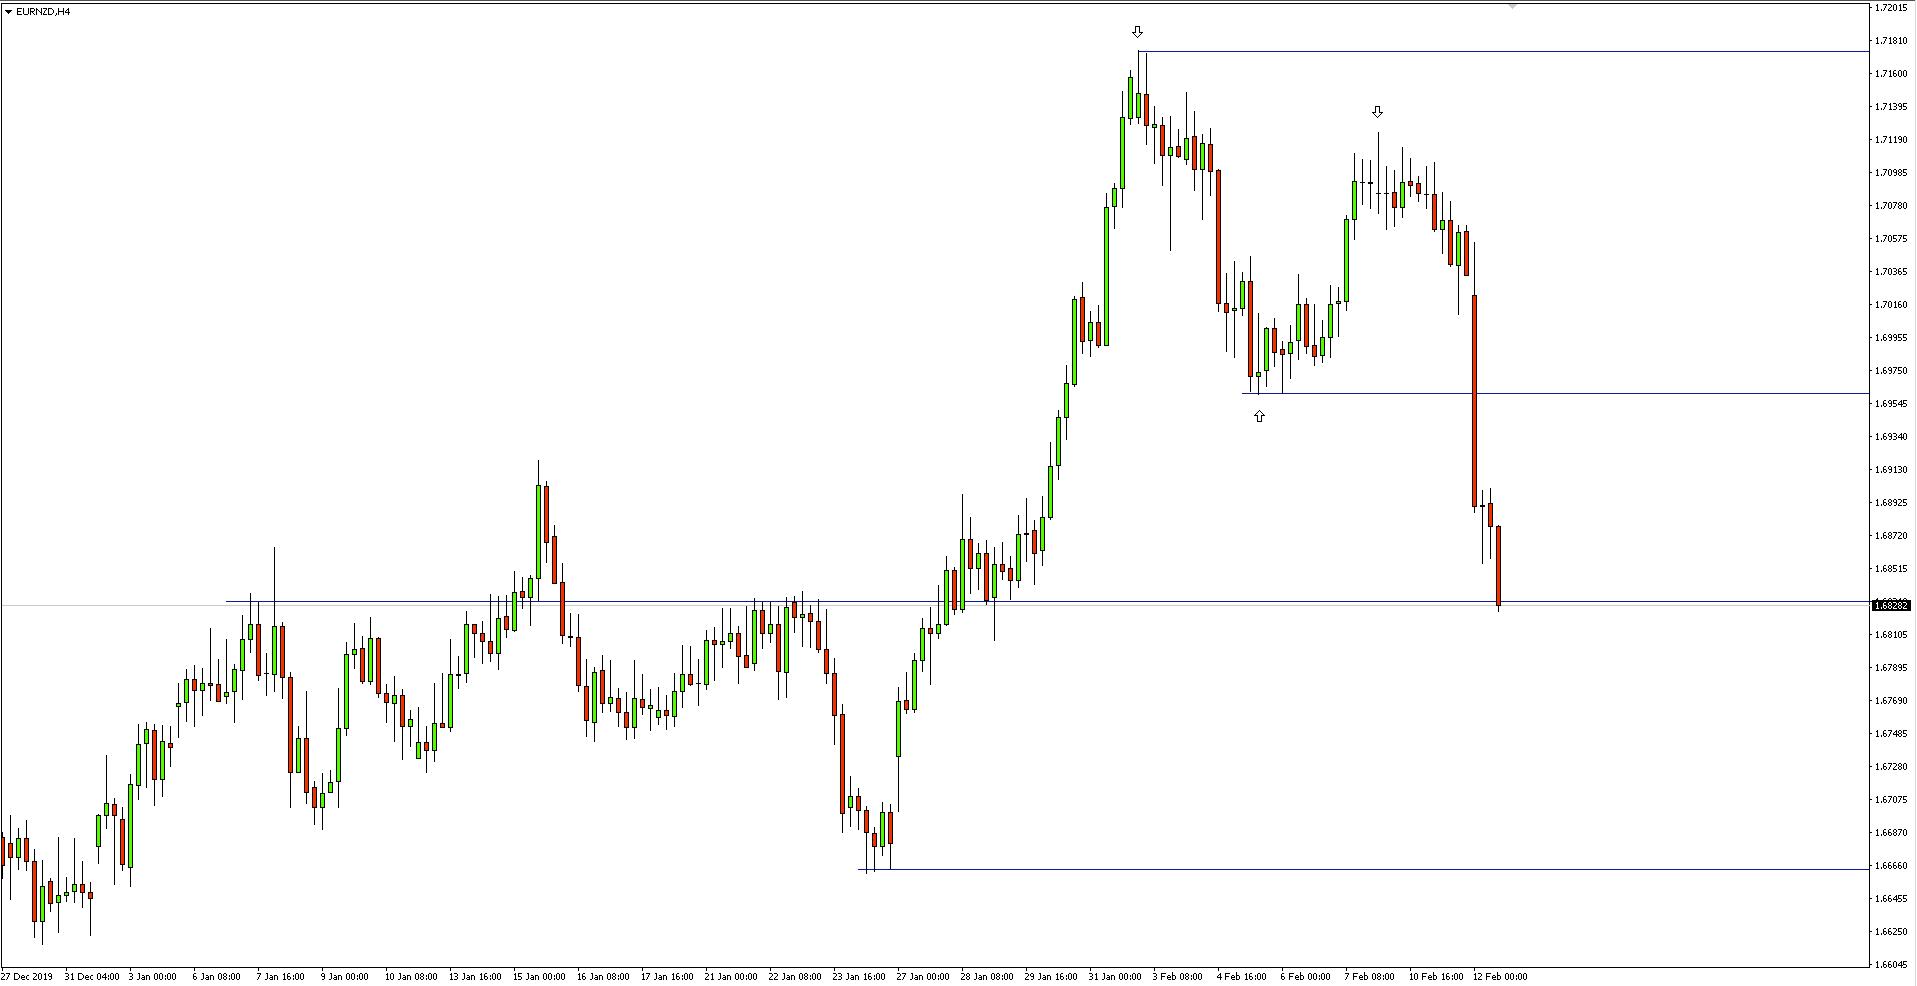 wykres 4-godzinny pary walutowej EURNZD - 12 lutego 2020 r.